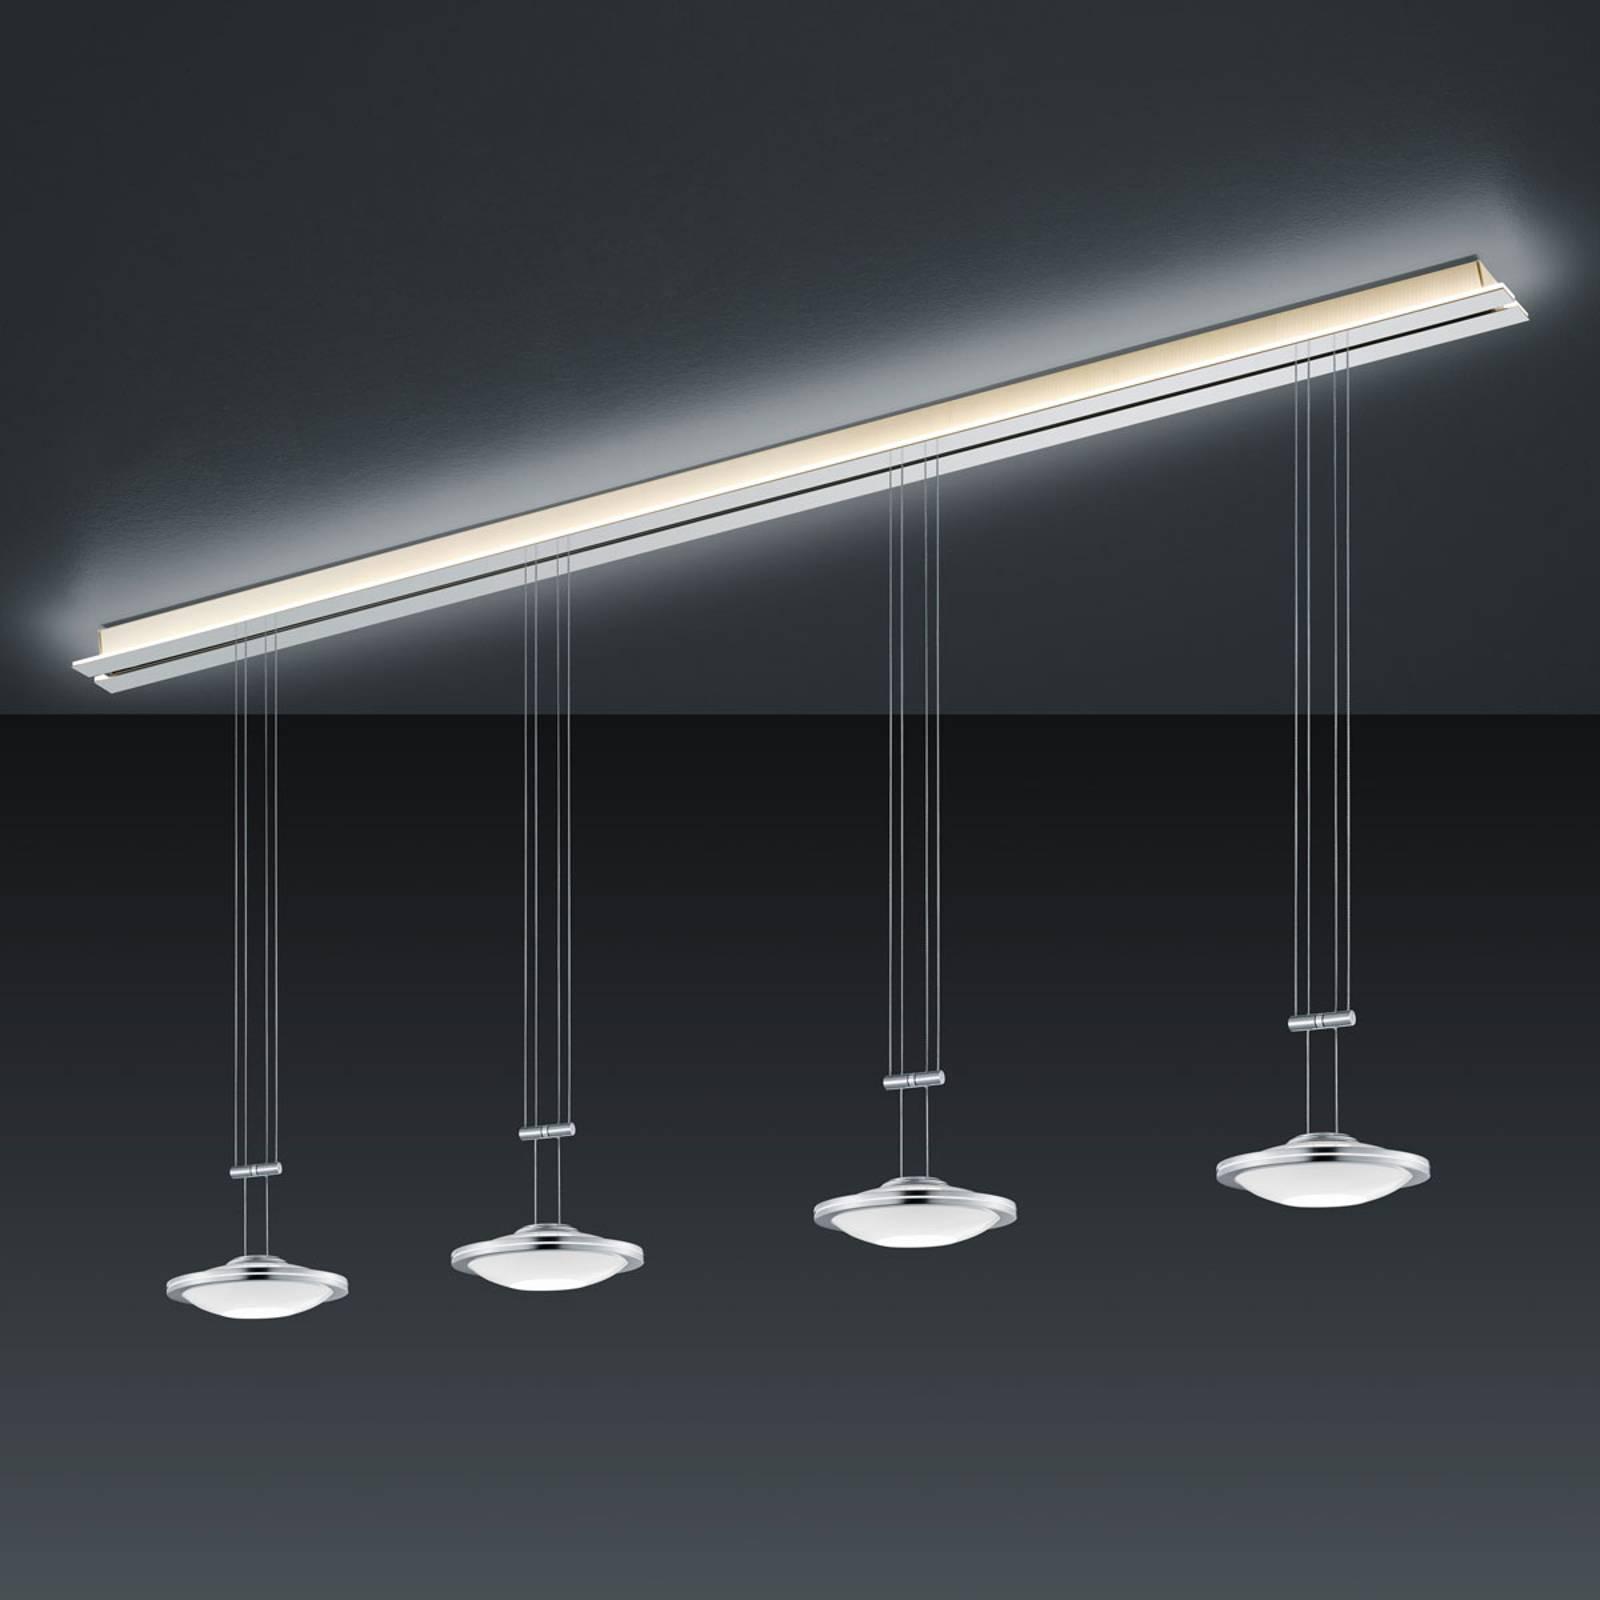 BANKAMP Strada Saturno hanglamp, 4-lamps, 185 cm